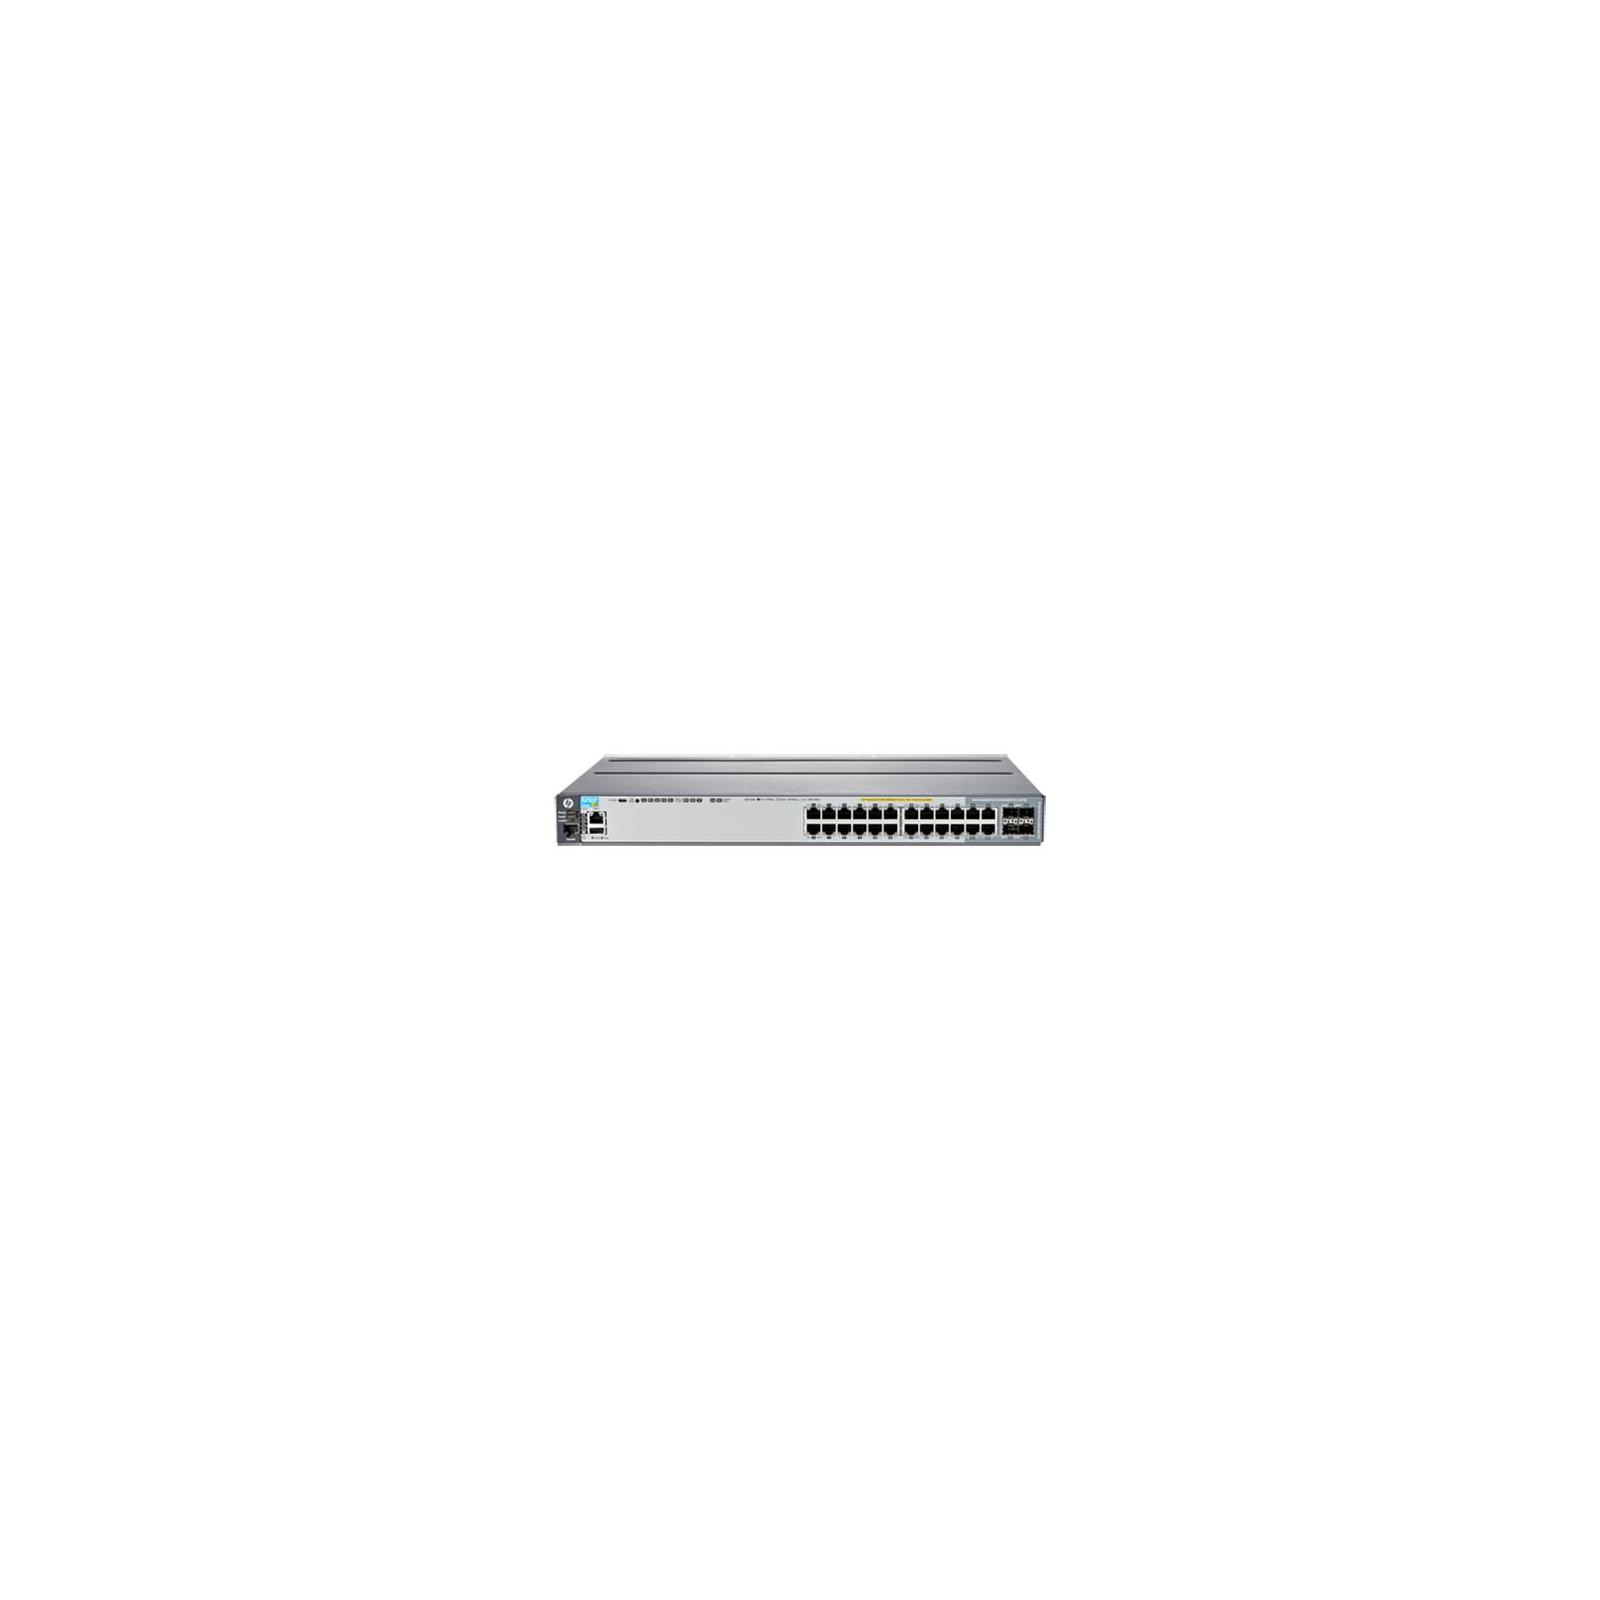 Коммутатор сетевой HP 2920-24G-PoE+ (J9727A)